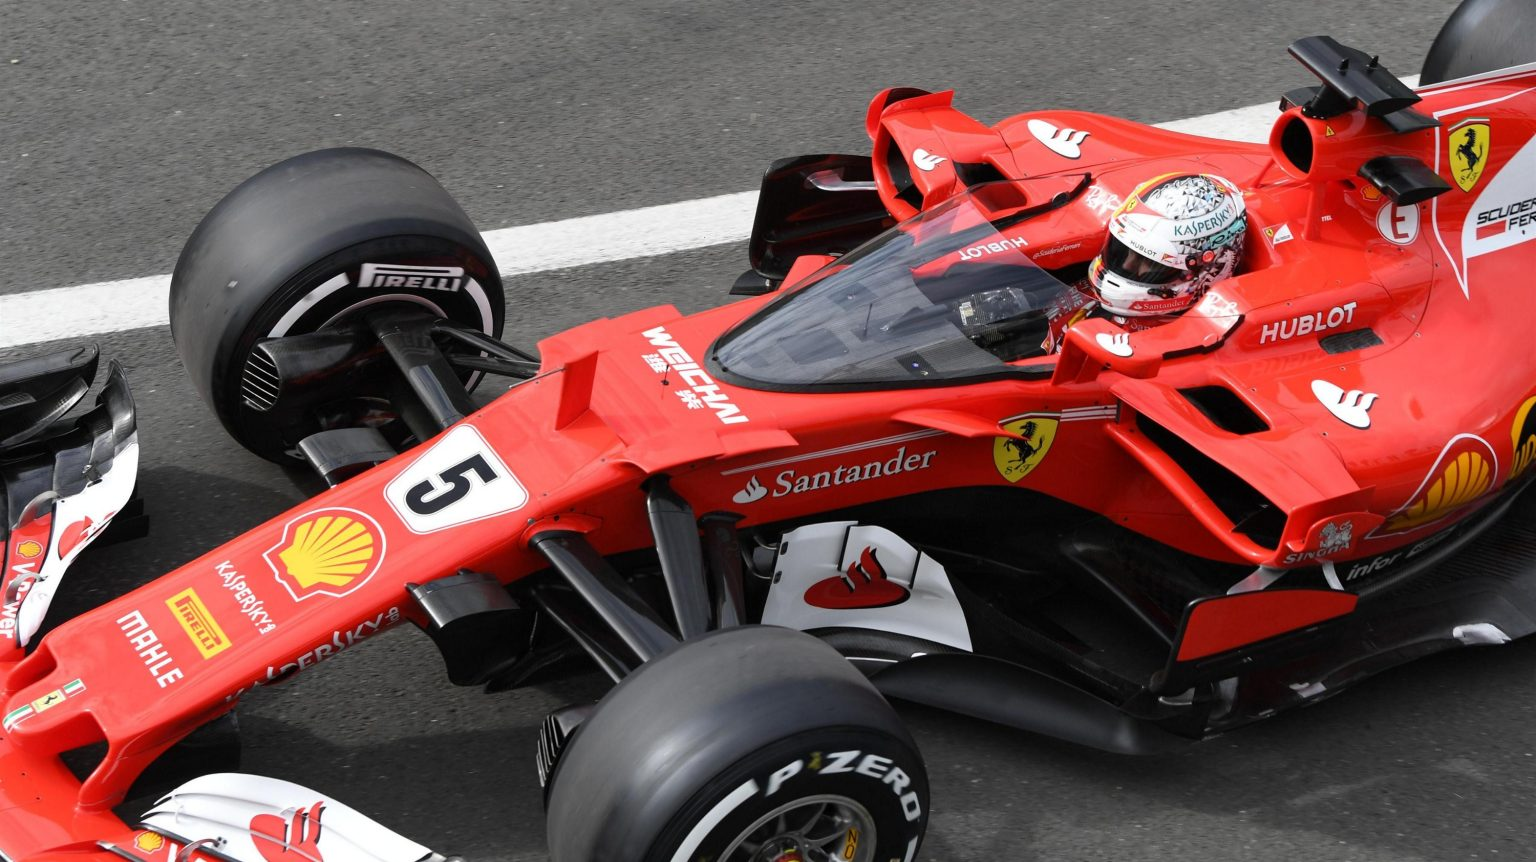 F1 shield test 2 jpg sebastian vettel